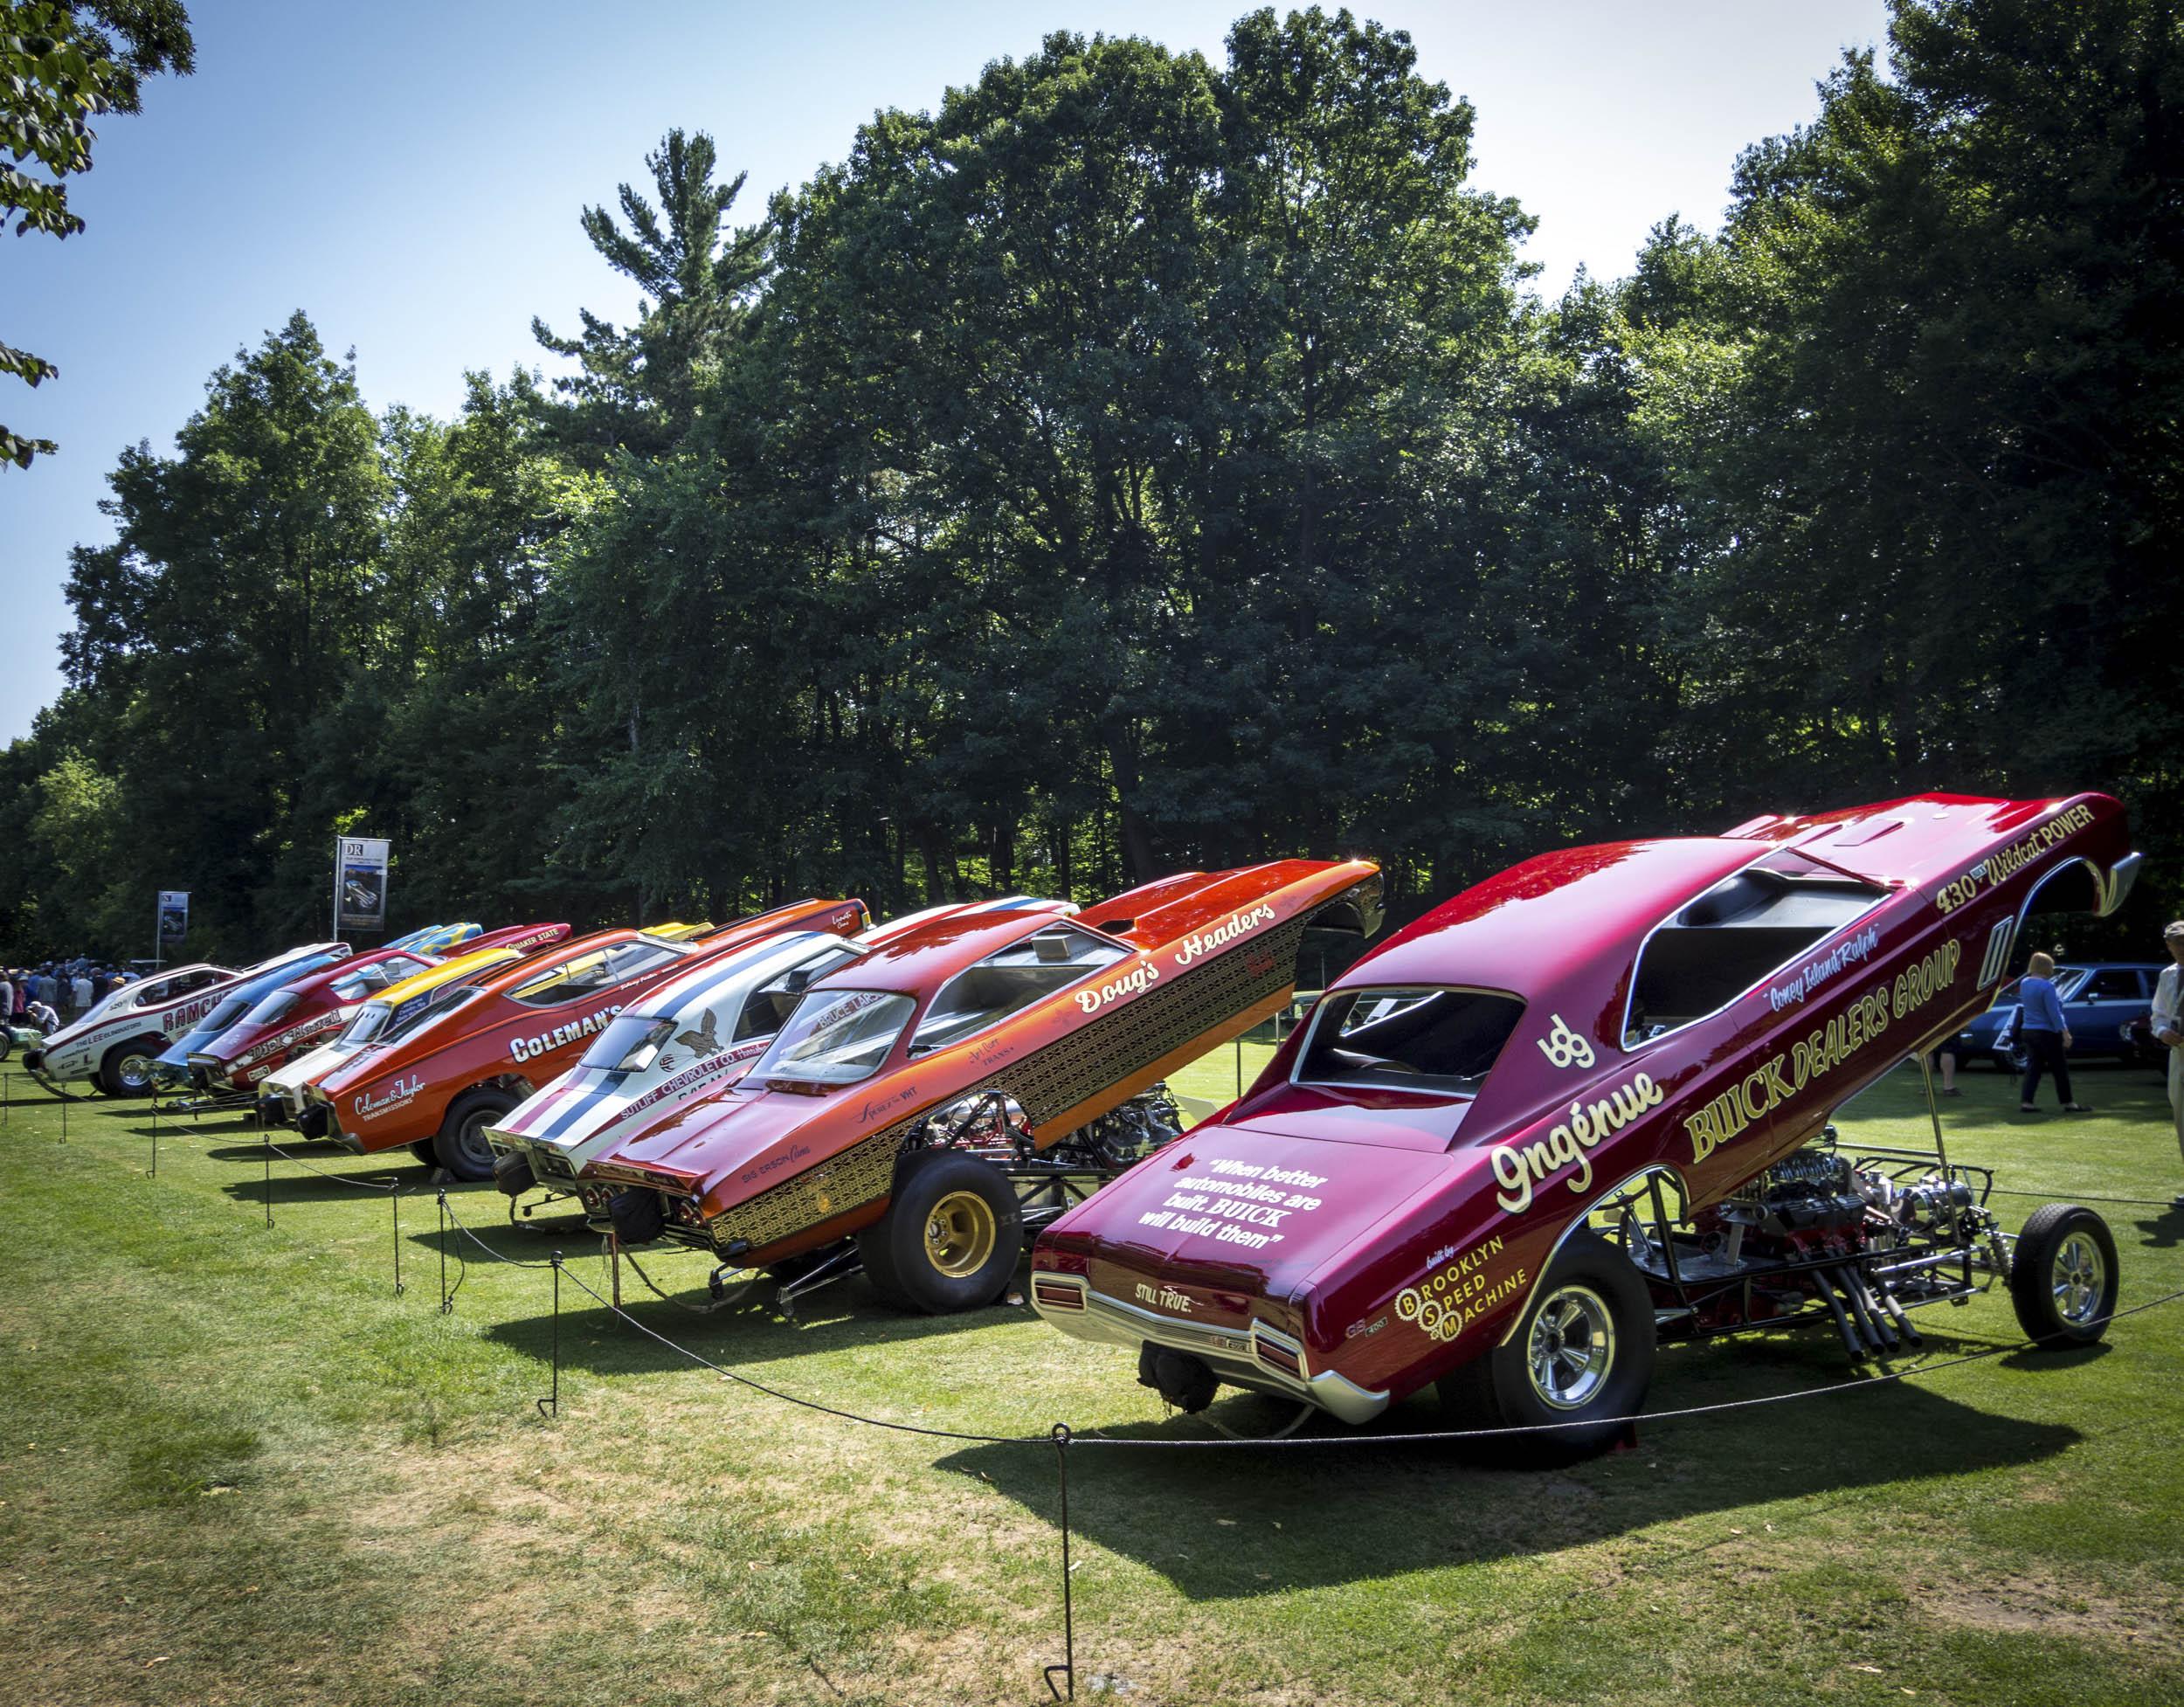 Drag Racing cars on display